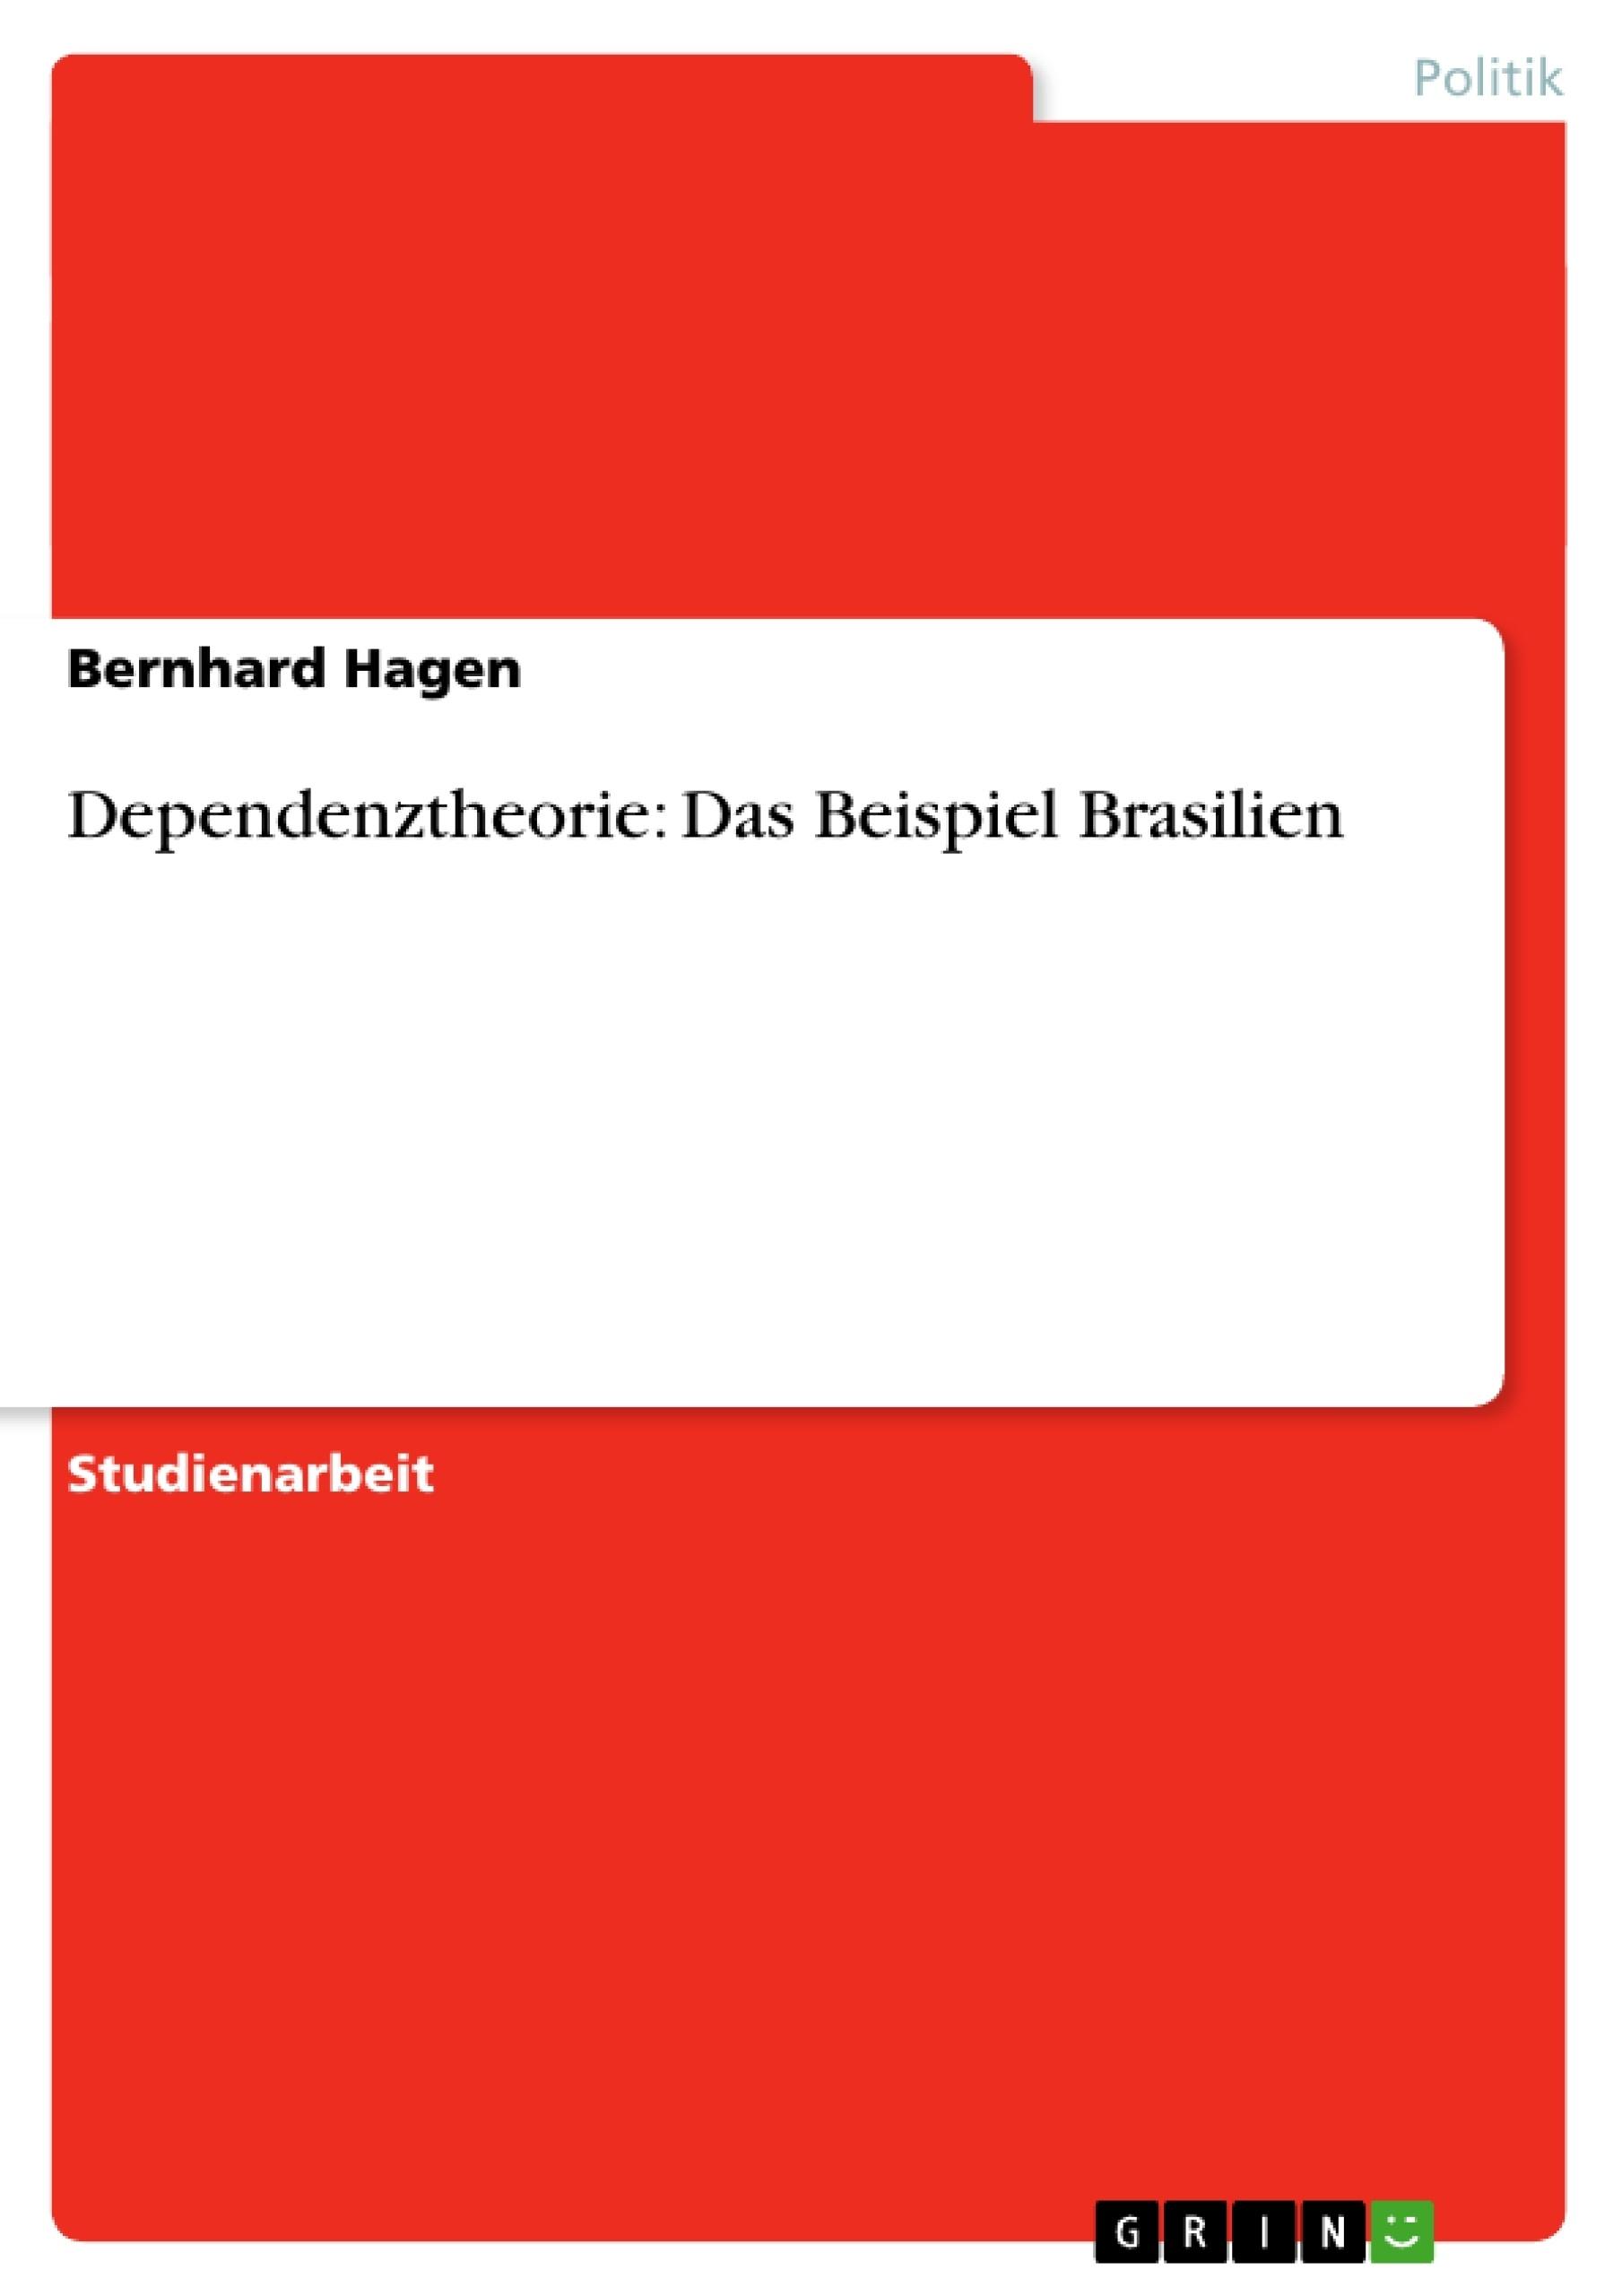 Titel: Dependenztheorie: Das Beispiel Brasilien